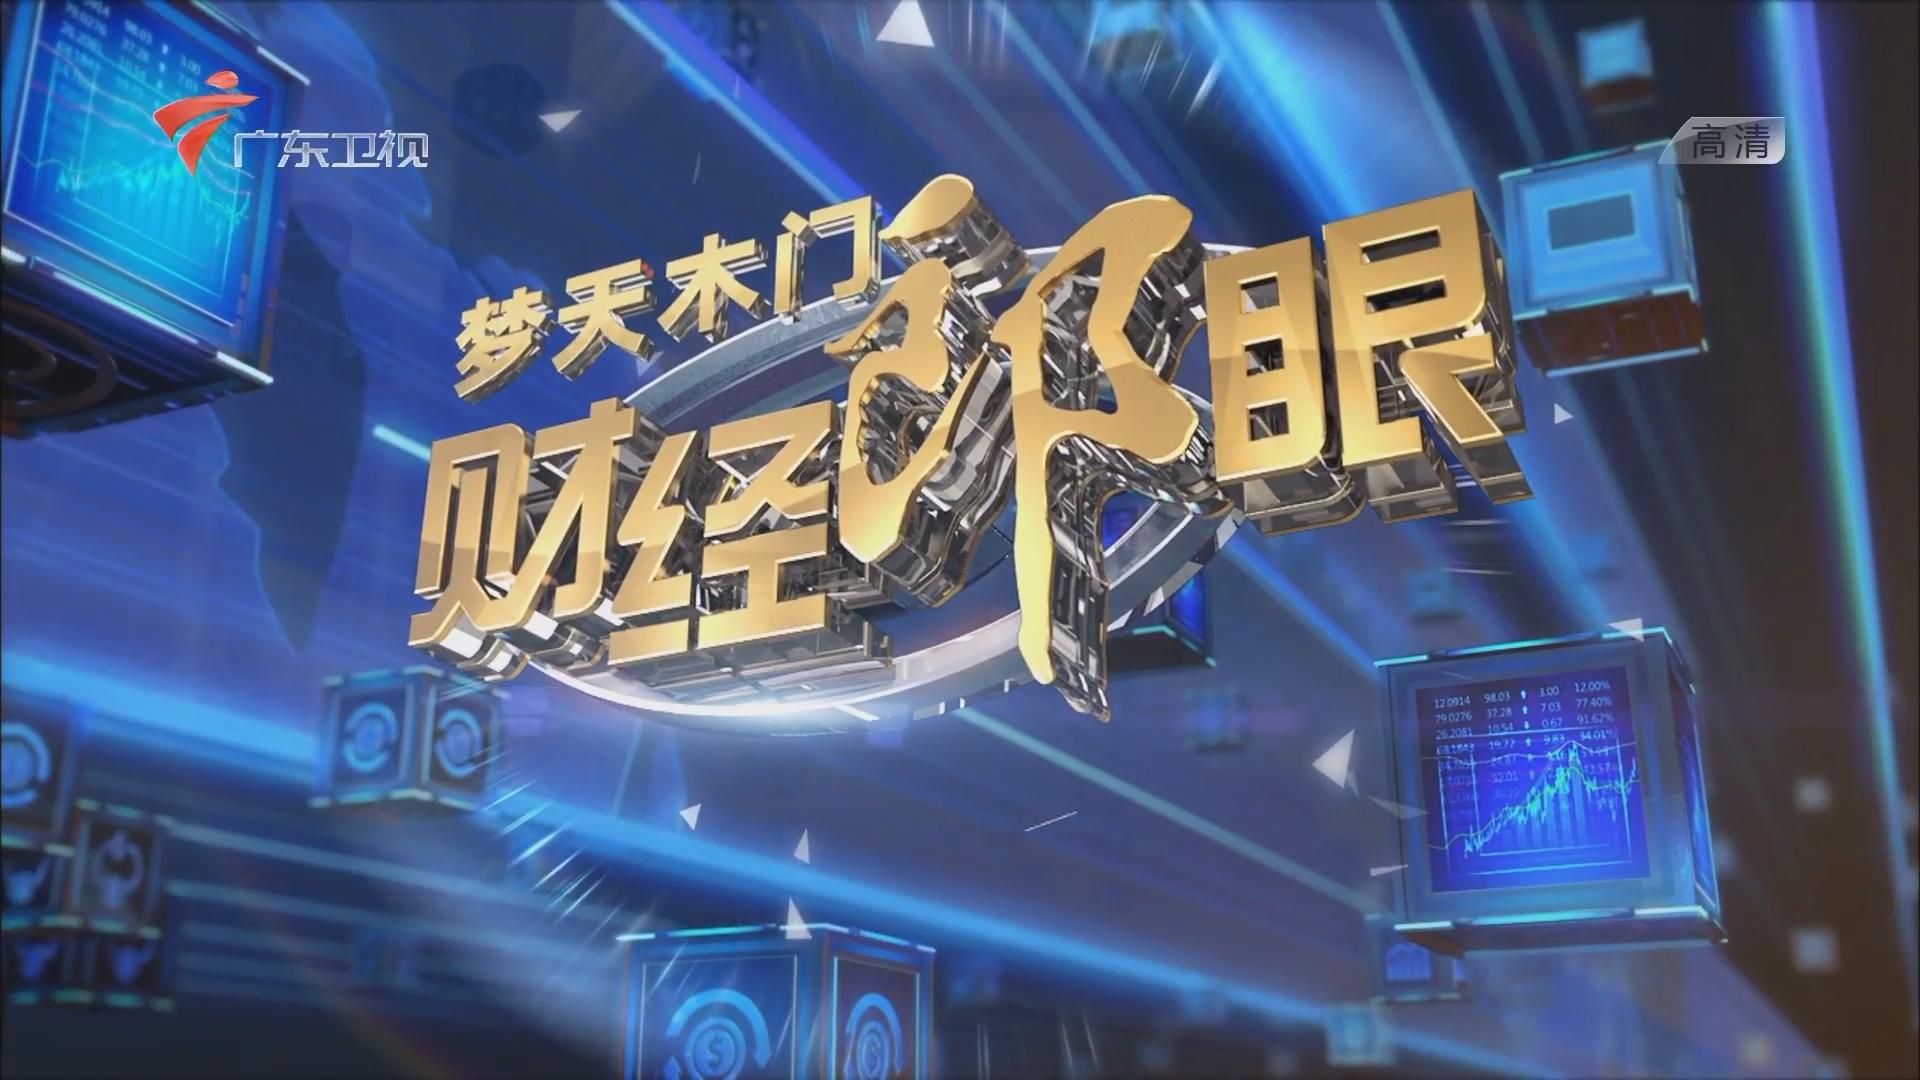 """[HD][2017-06-05]财经郎眼:A股有""""漂亮牛""""行情吗?"""